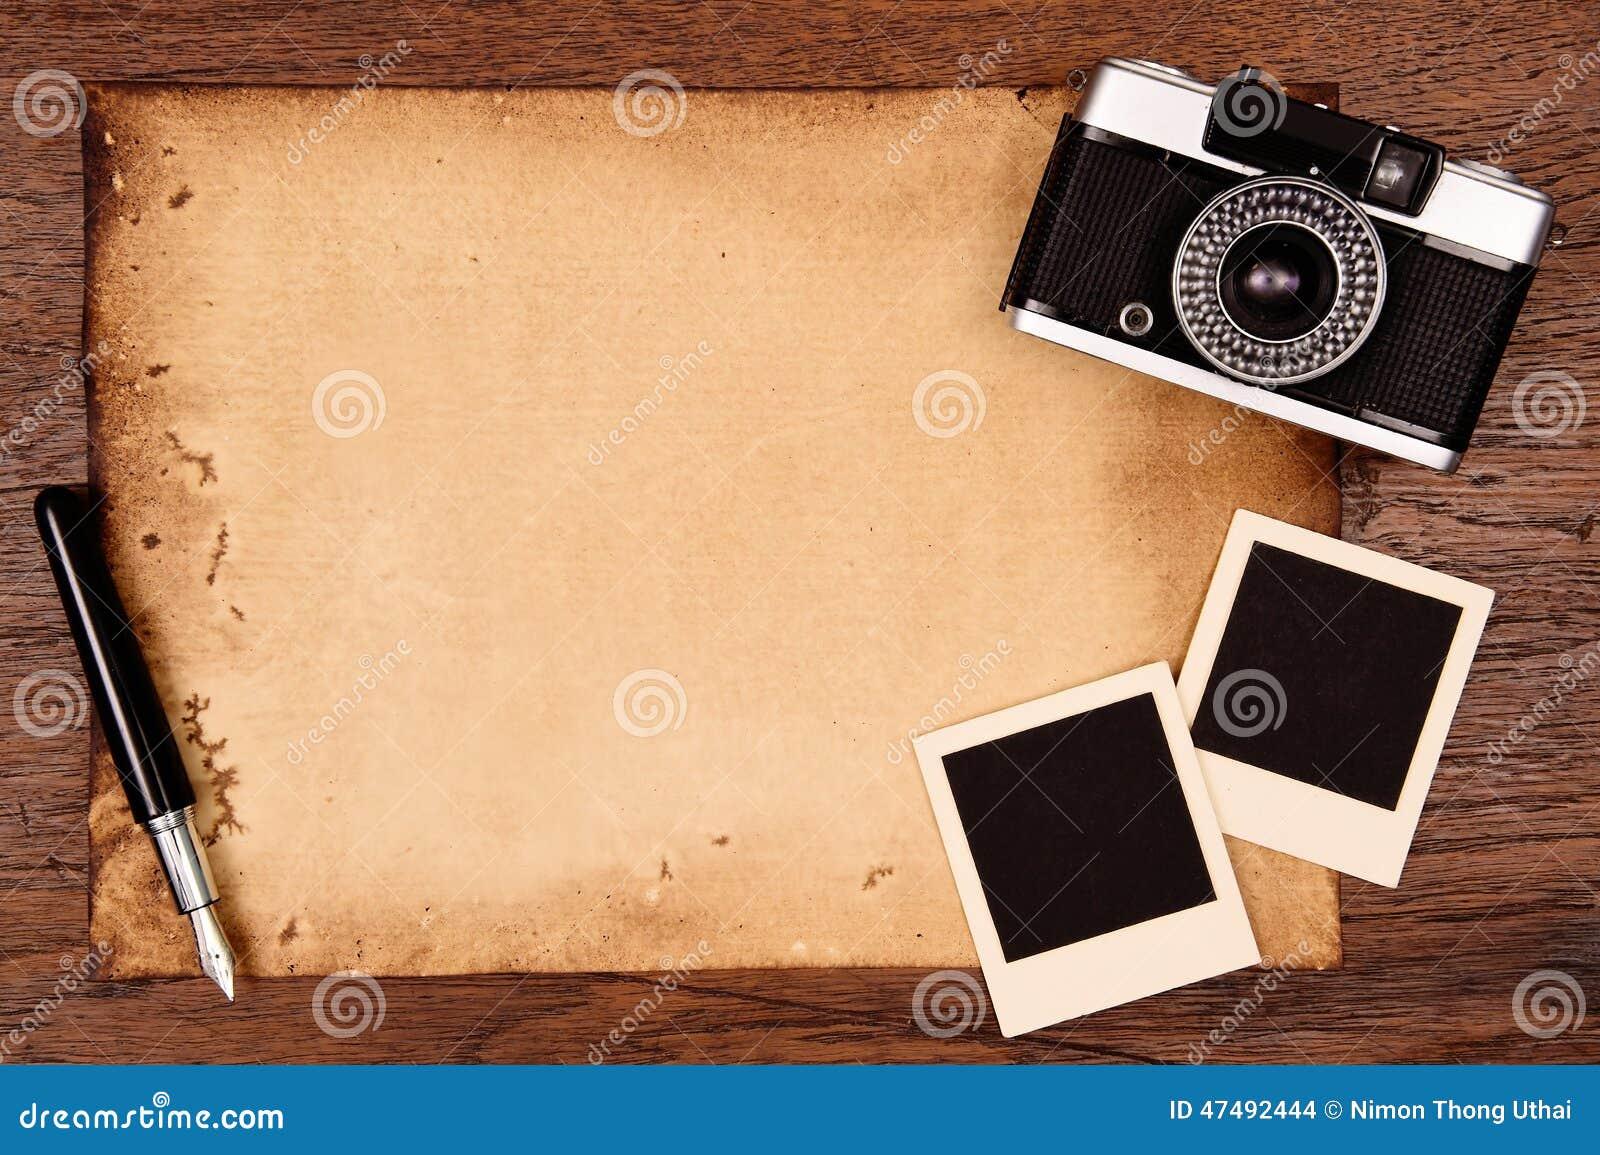 vieux papier stylo d 39 encre et cadre de photo de vintage avec l 39 appareil photo photo stock. Black Bedroom Furniture Sets. Home Design Ideas